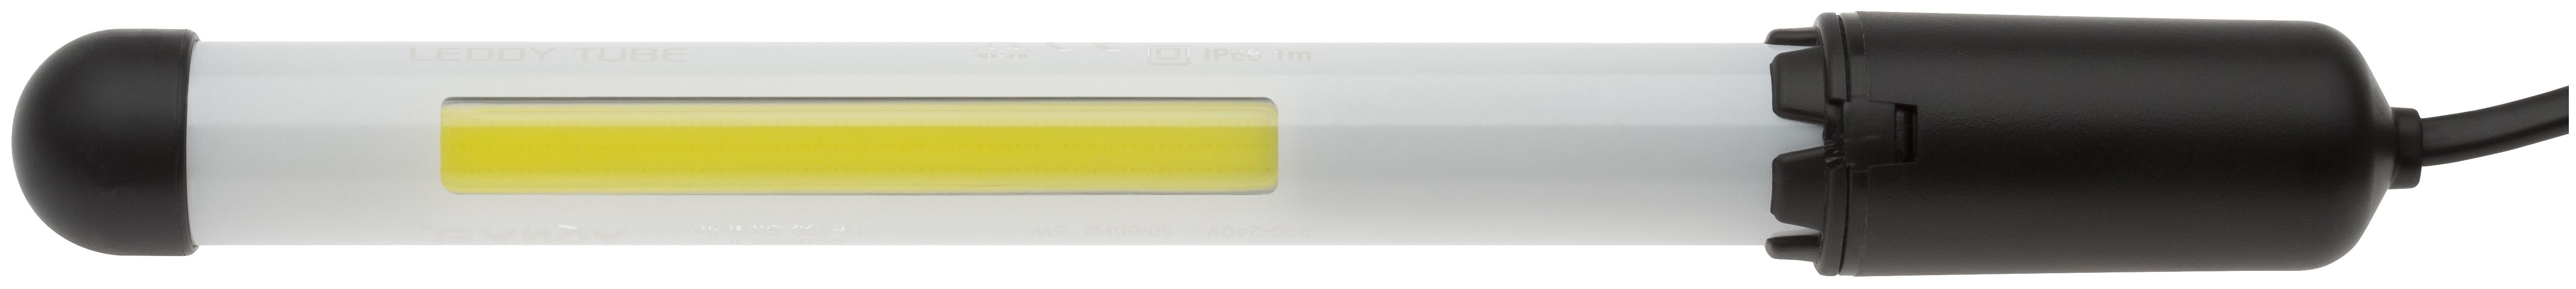 Модуль освещения для аквариума Aquael Leddy Tube